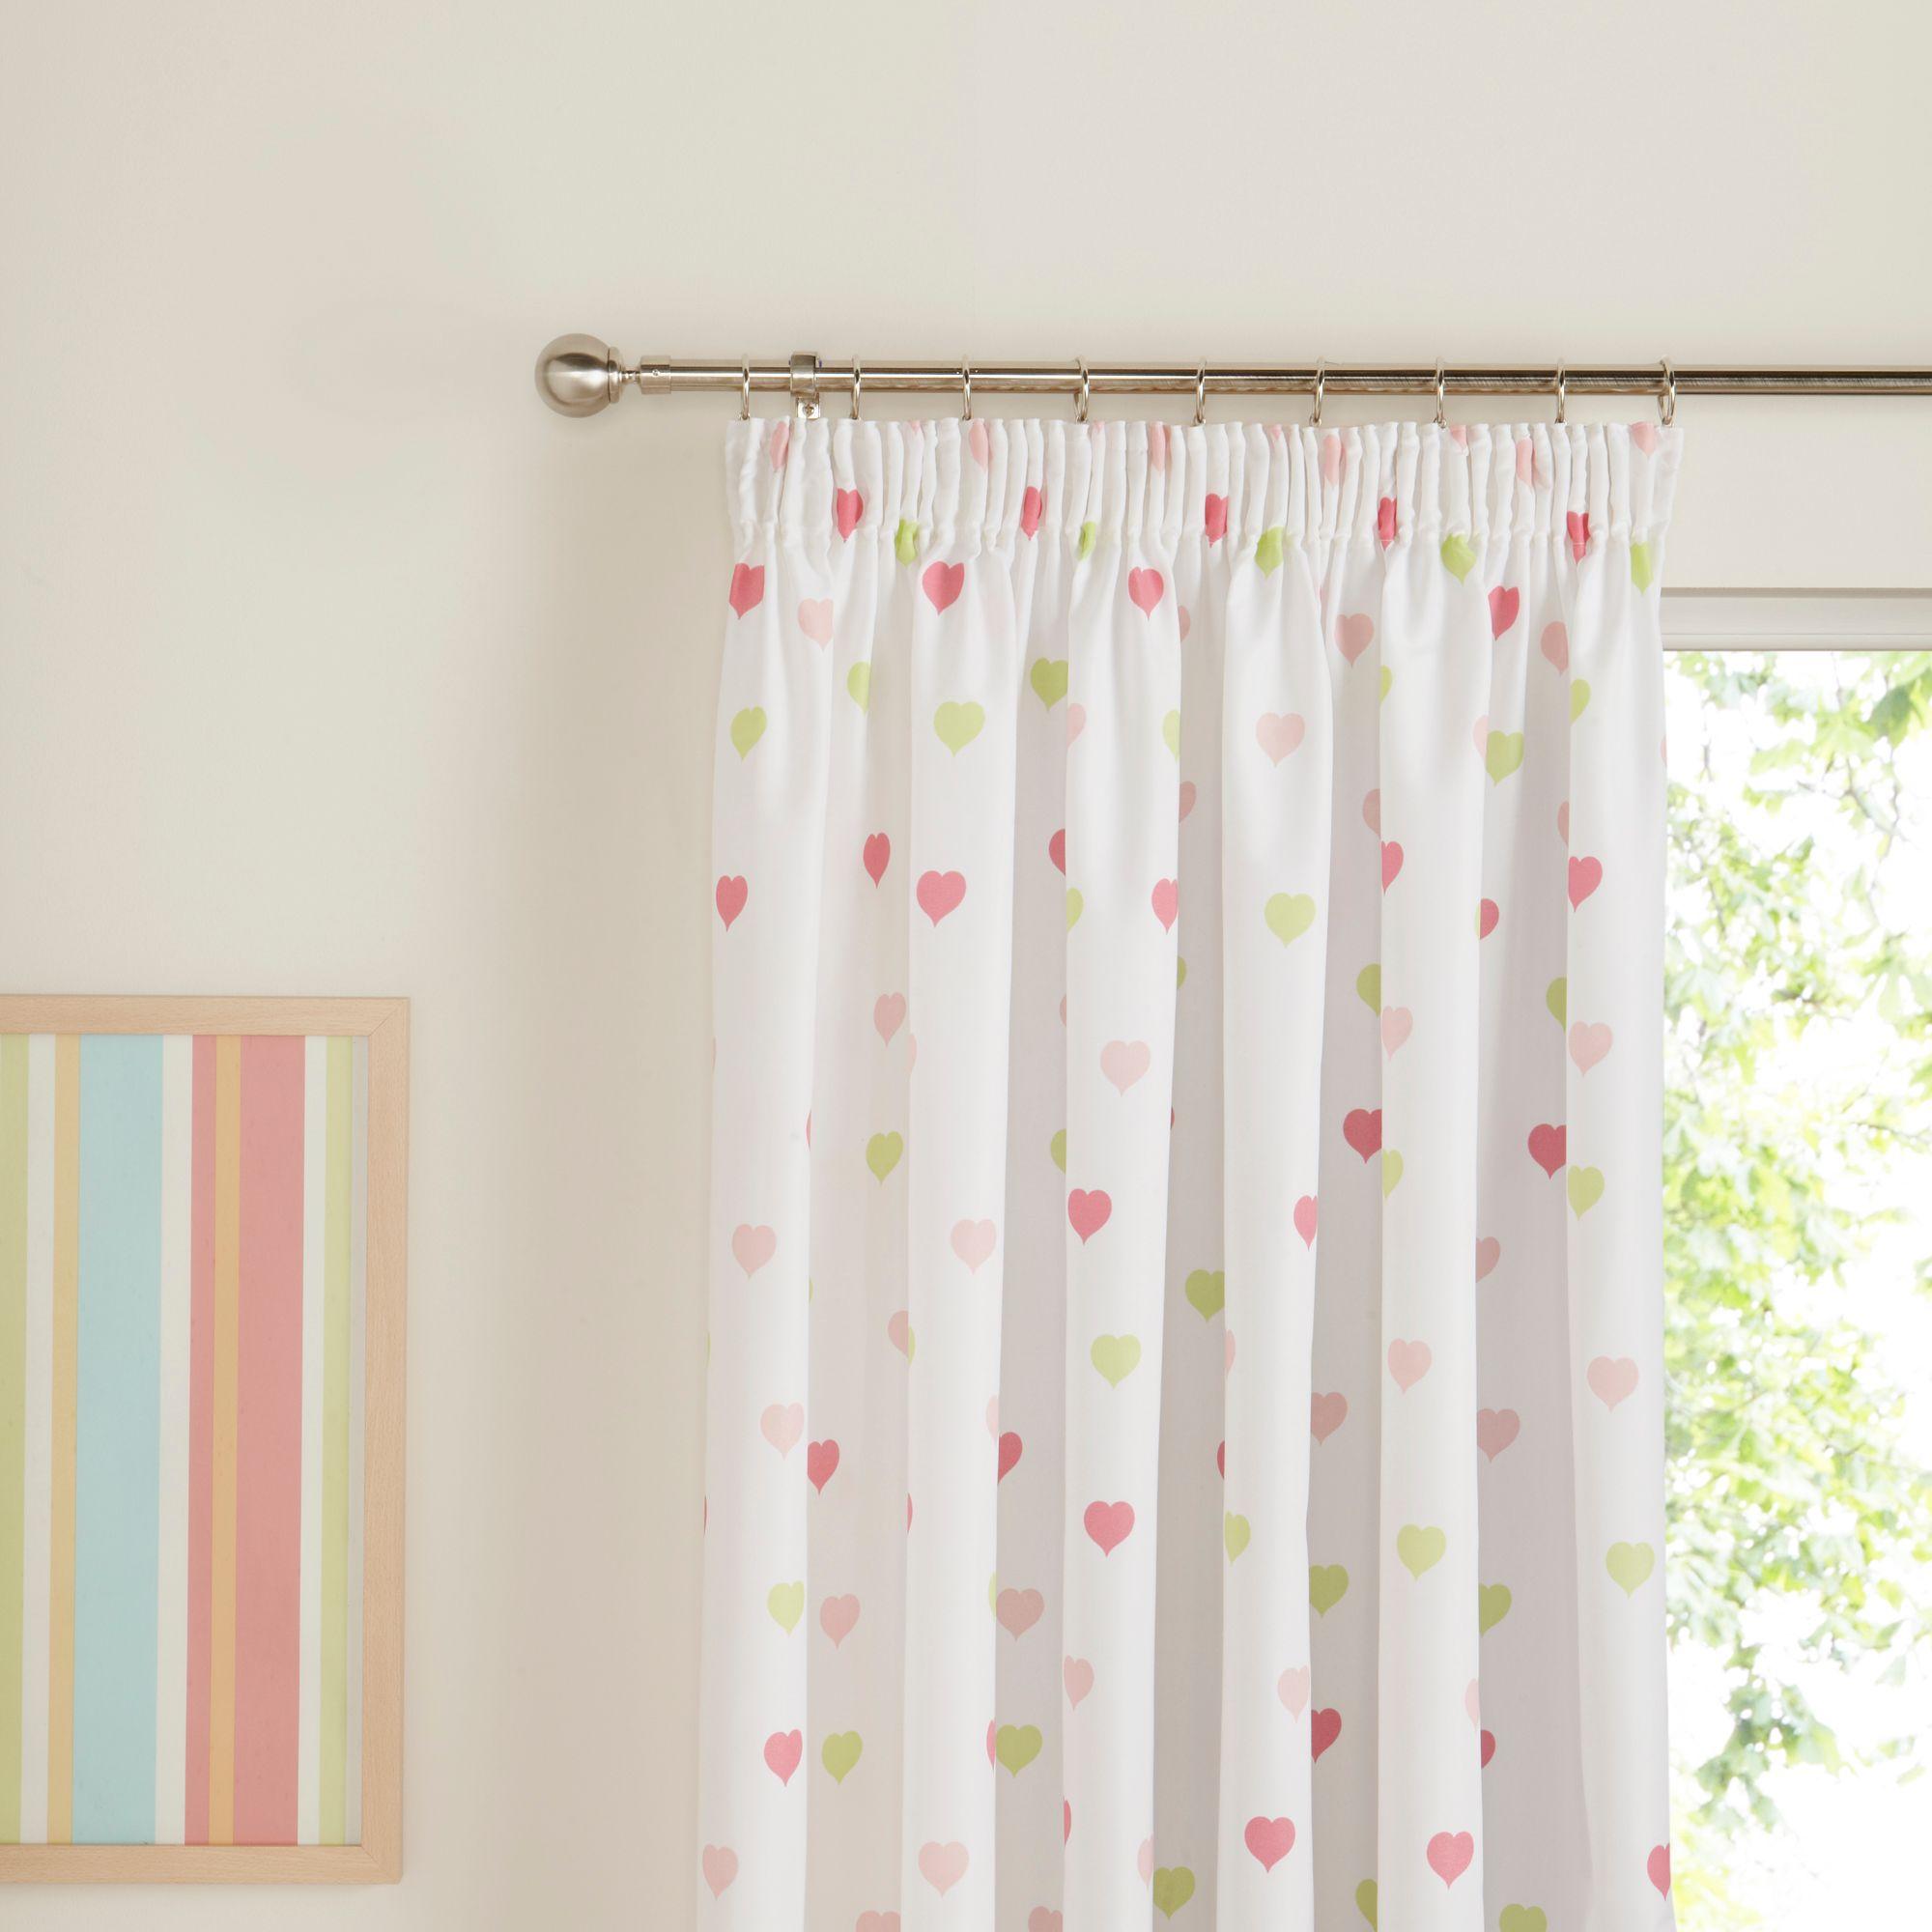 childrens curtains green, pink u0026 white hearts pencil pleat childrenu0027s curtains (w)167cm  (l)137cm | UTXIUEF